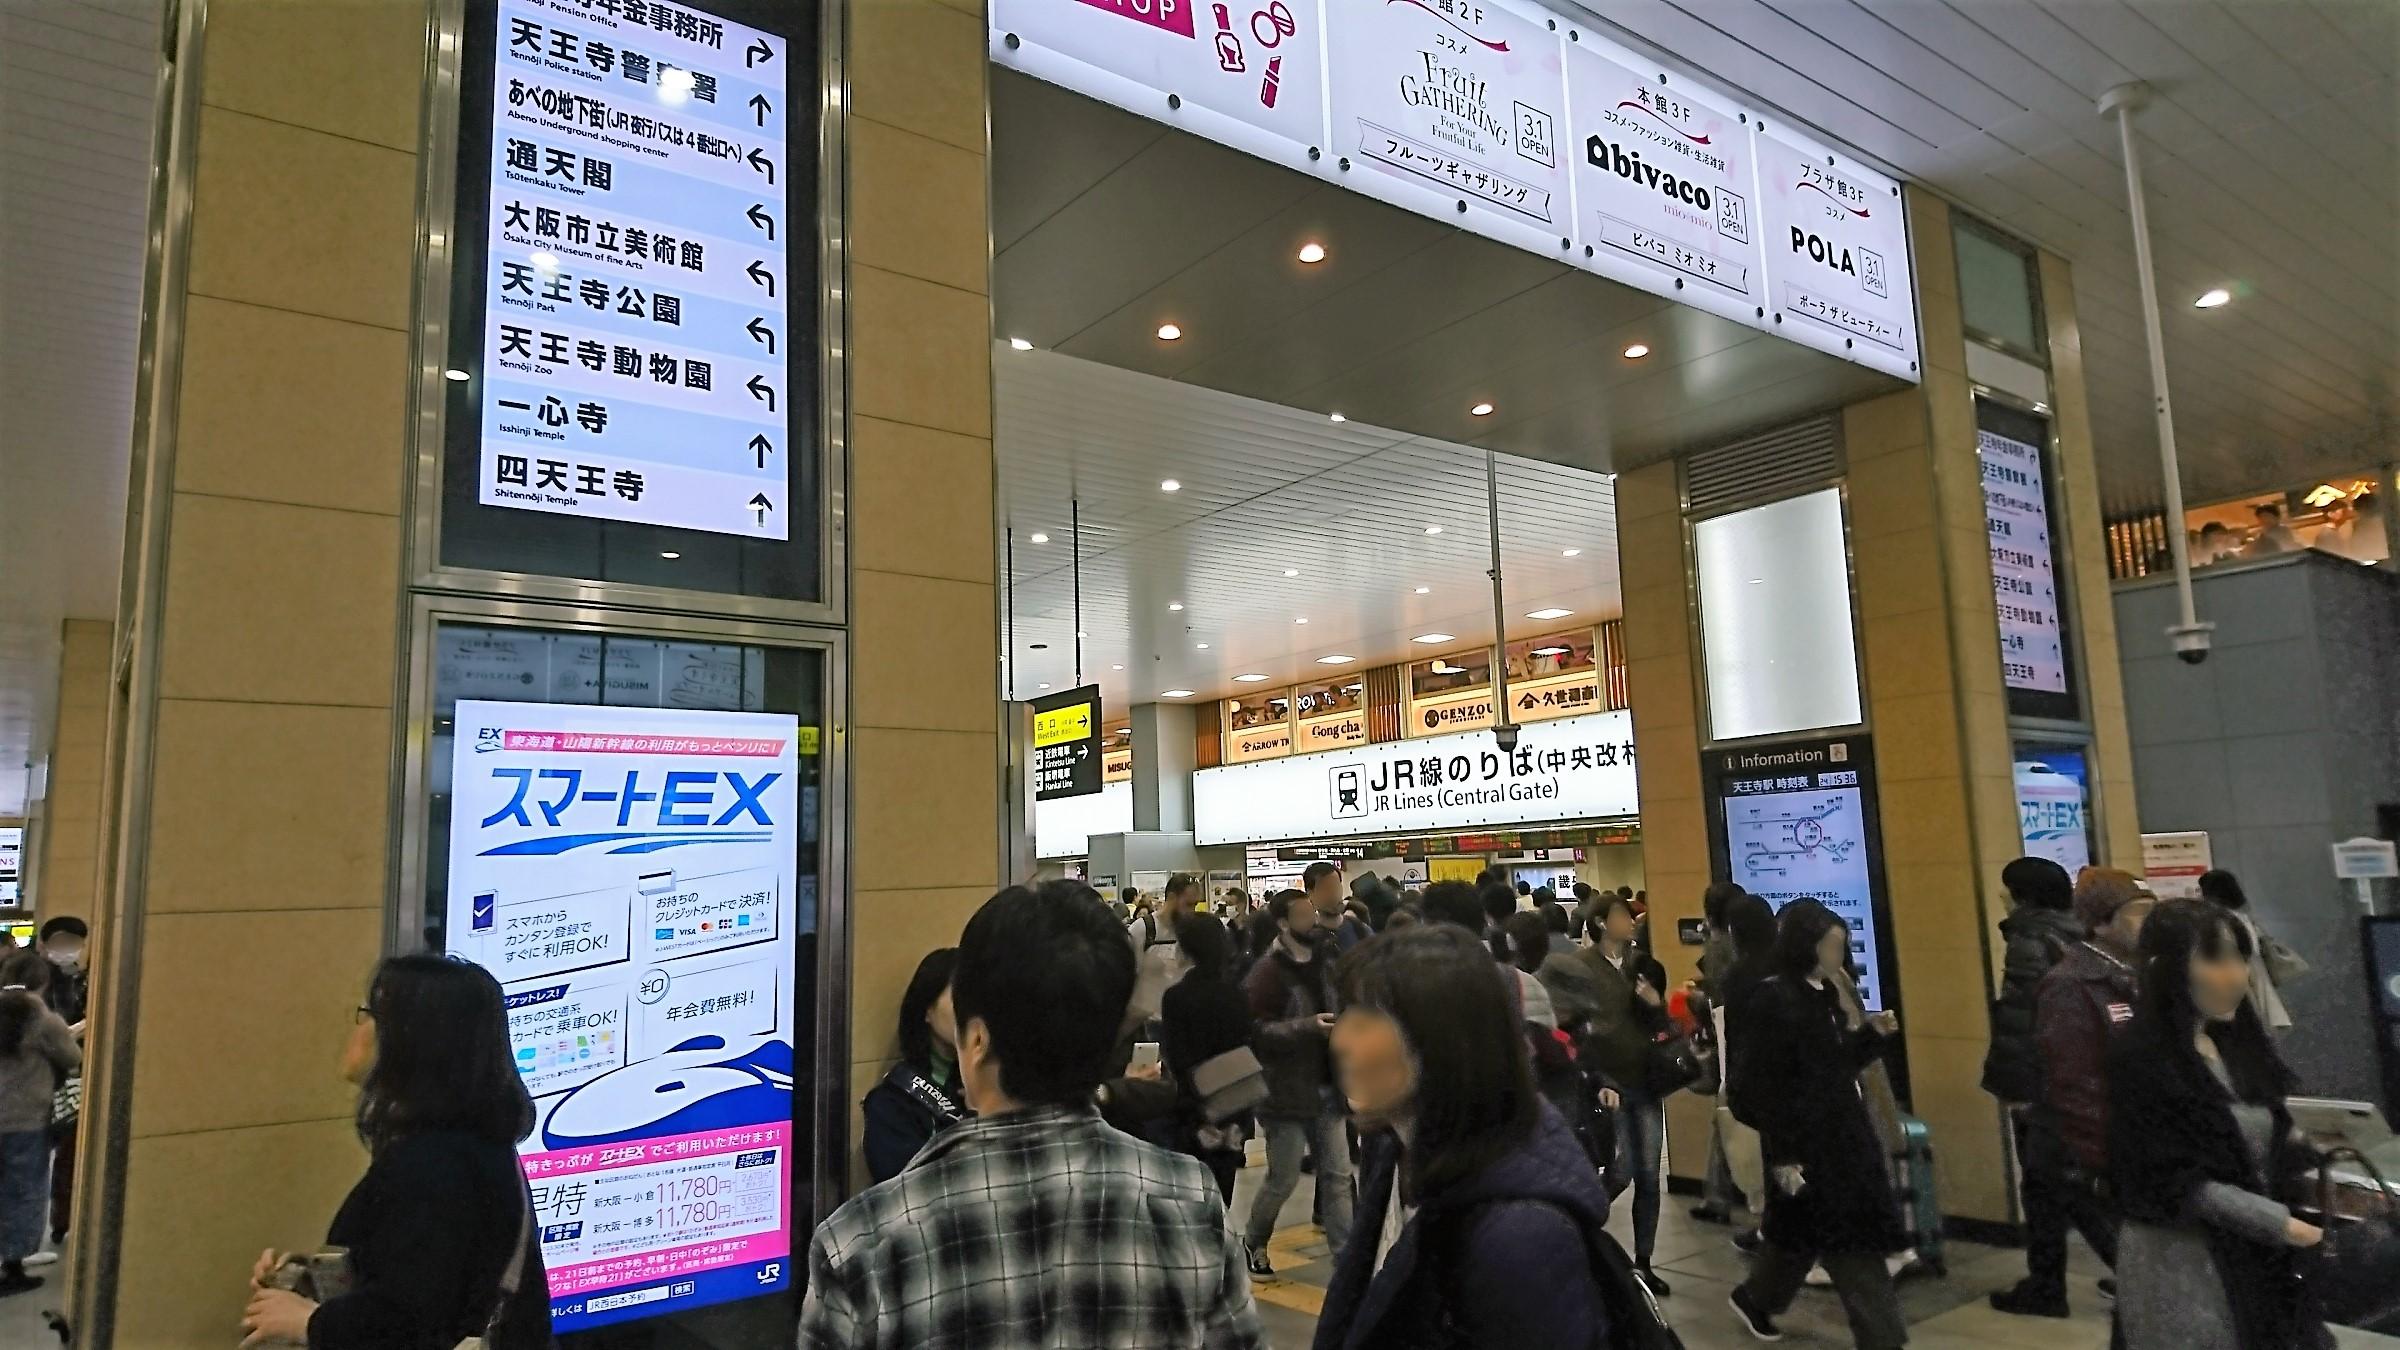 「街」のデジタルサイネージ(天王寺編)01_JR天王寺駅中央コンコース